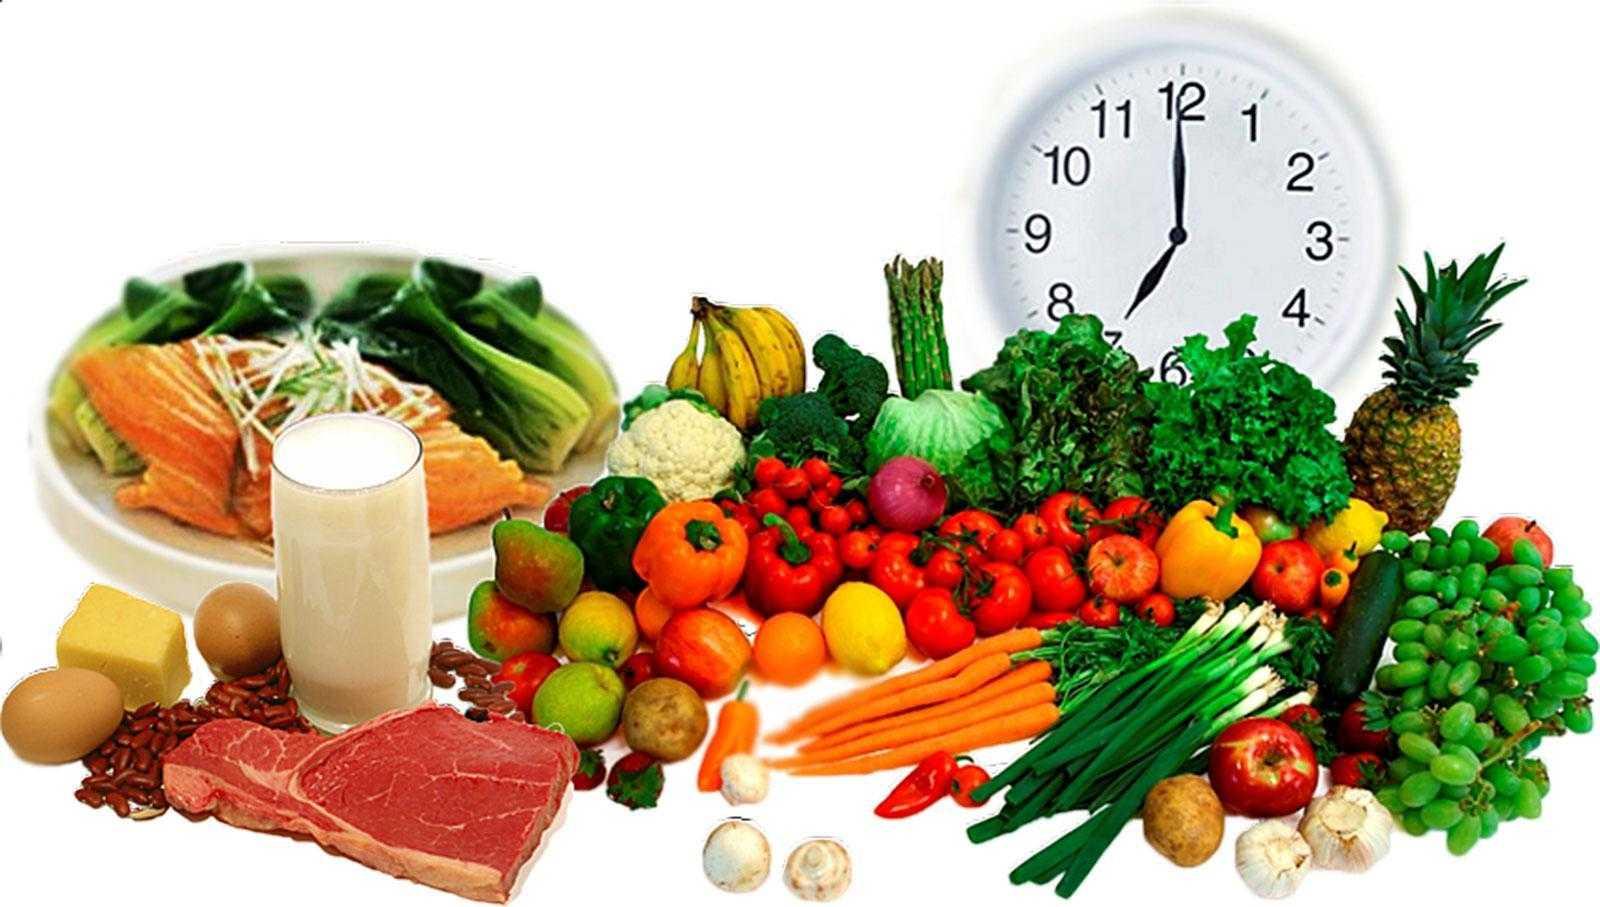 Сбалансированное питание: готовое меню на неделю для женщин